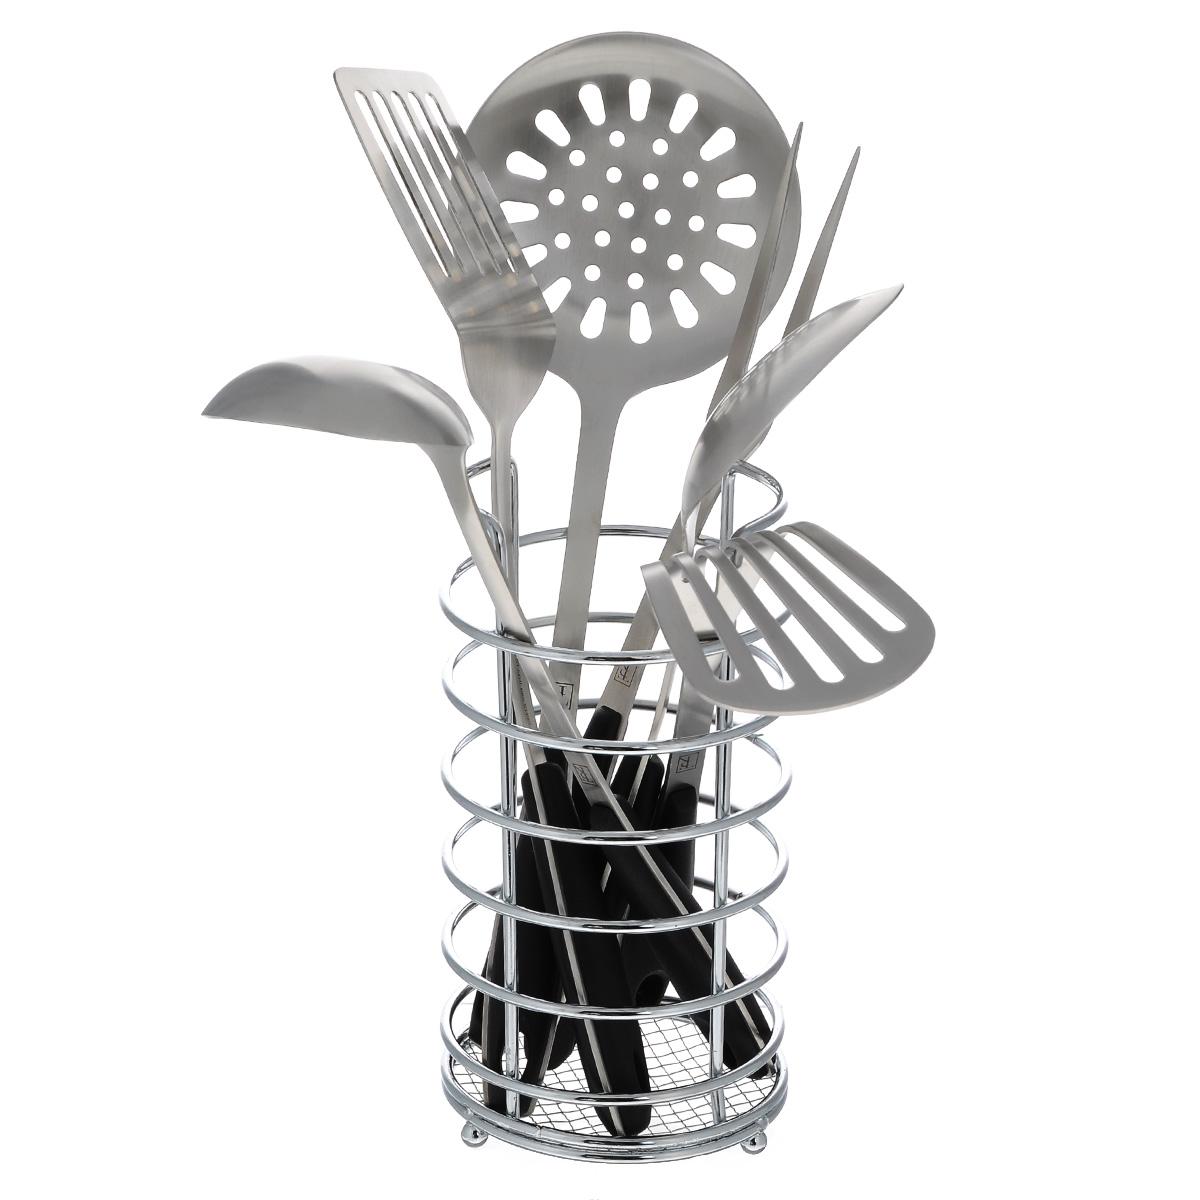 Набор кухонных принадлежностей Taller Кингсли, 7 предметовTR-1405Набор кухонных принадлежностей Taller Кингсли включает в себя: картофелемялку, половник, ложку поварскую, шумовку, вилку поварскую, лопатку перфорированную, подставку. Предметы набора выполнены из высококачественной нержавеющей стали 18/10. Ручки выполнены из бакелита и оснащены отверстиями на конце, благодаря которым, вы сможете их подвесить на подставку или в любое для вас удобное место. Эксклюзивный дизайн, эстетичность и функциональность набора Taller Кингсли позволят ему занять достойное место среди кухонного инвентаря.Рекомендована ручная мойка.